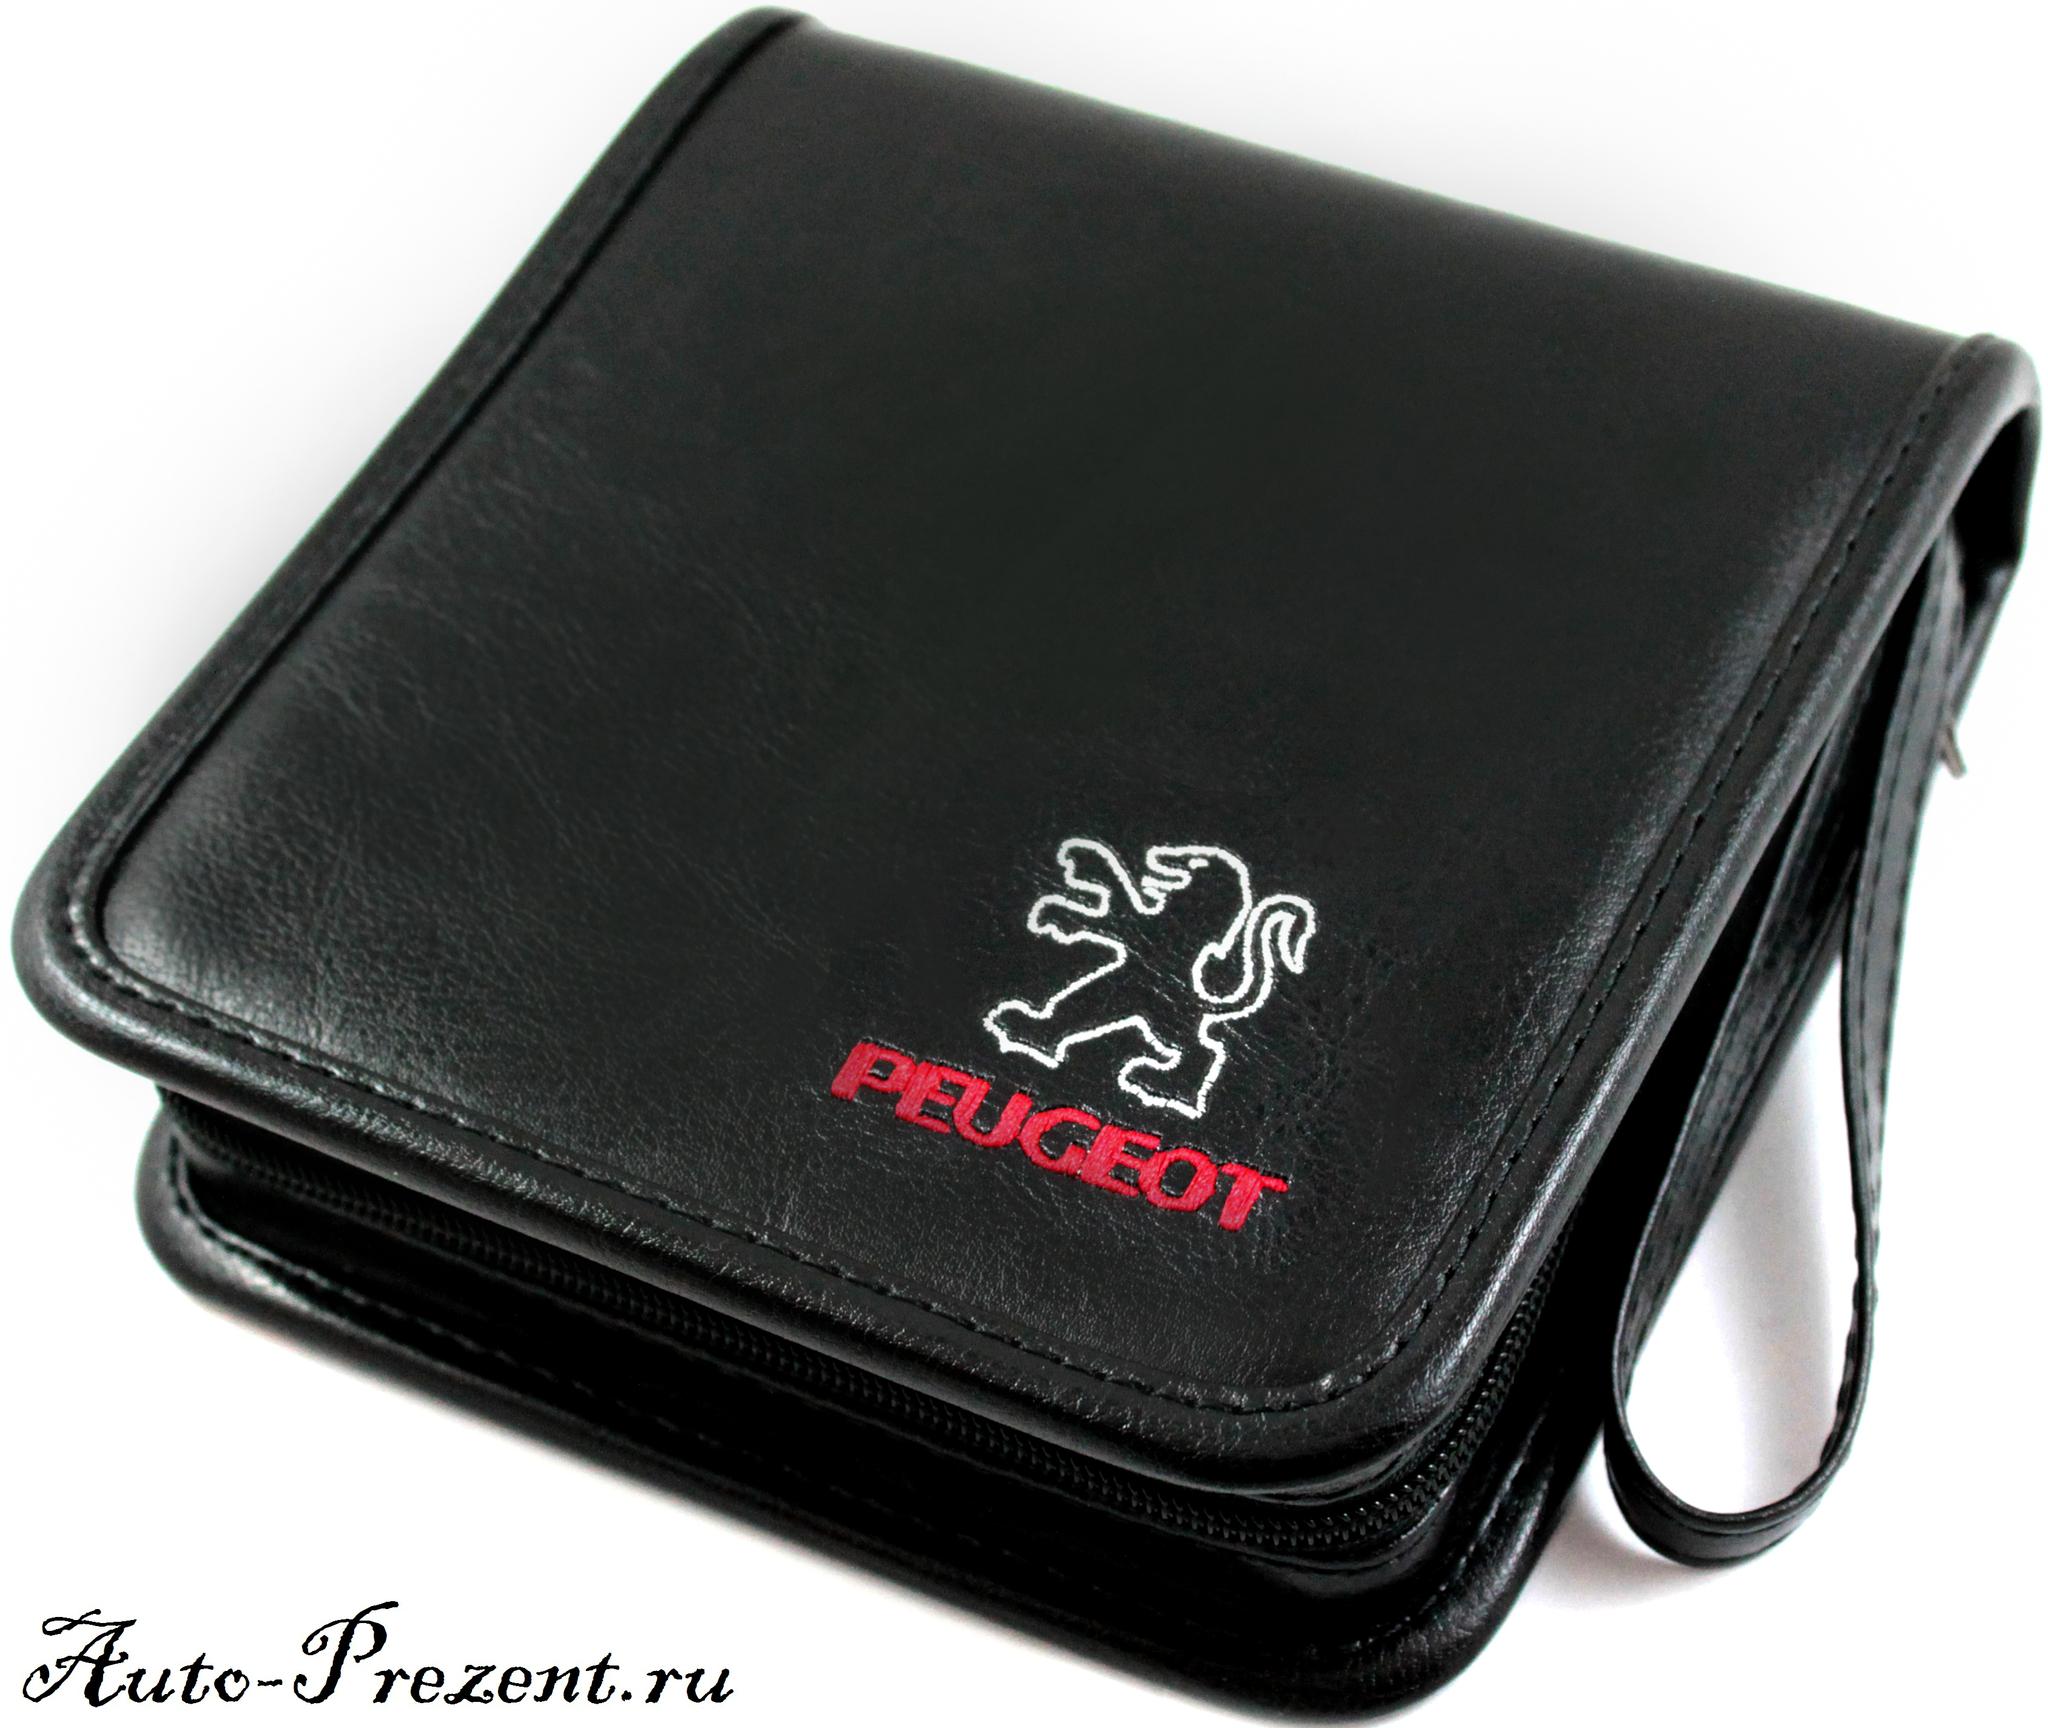 Портмоне для cd, dvd дисков с логотипом Peugeot